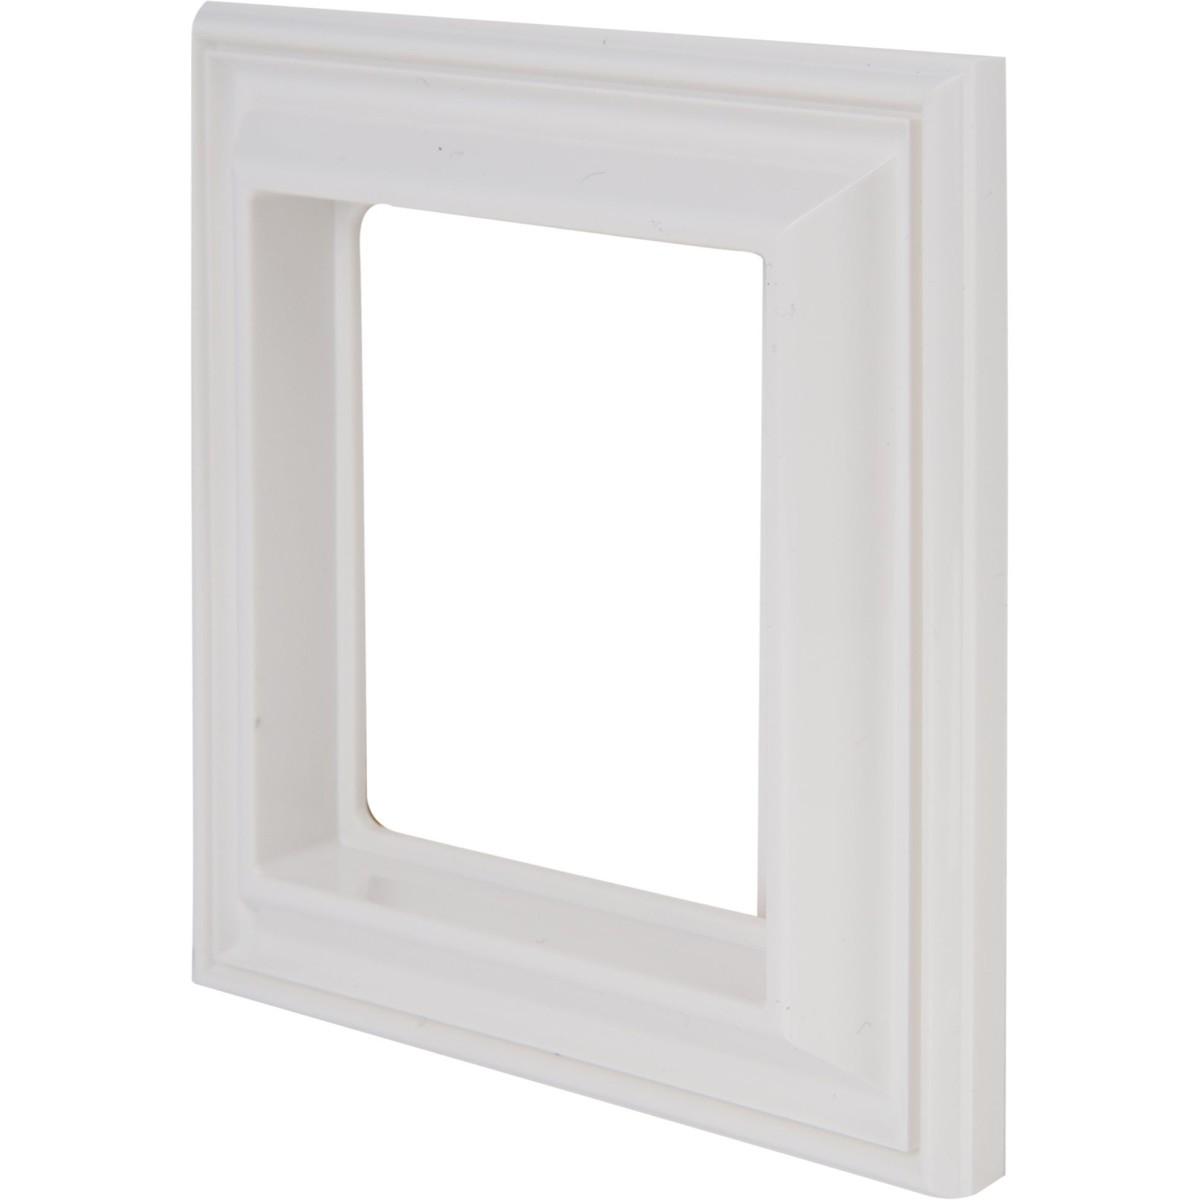 Рамка для розеток и выключателей EcoProfi Design 1 пост цвет белый